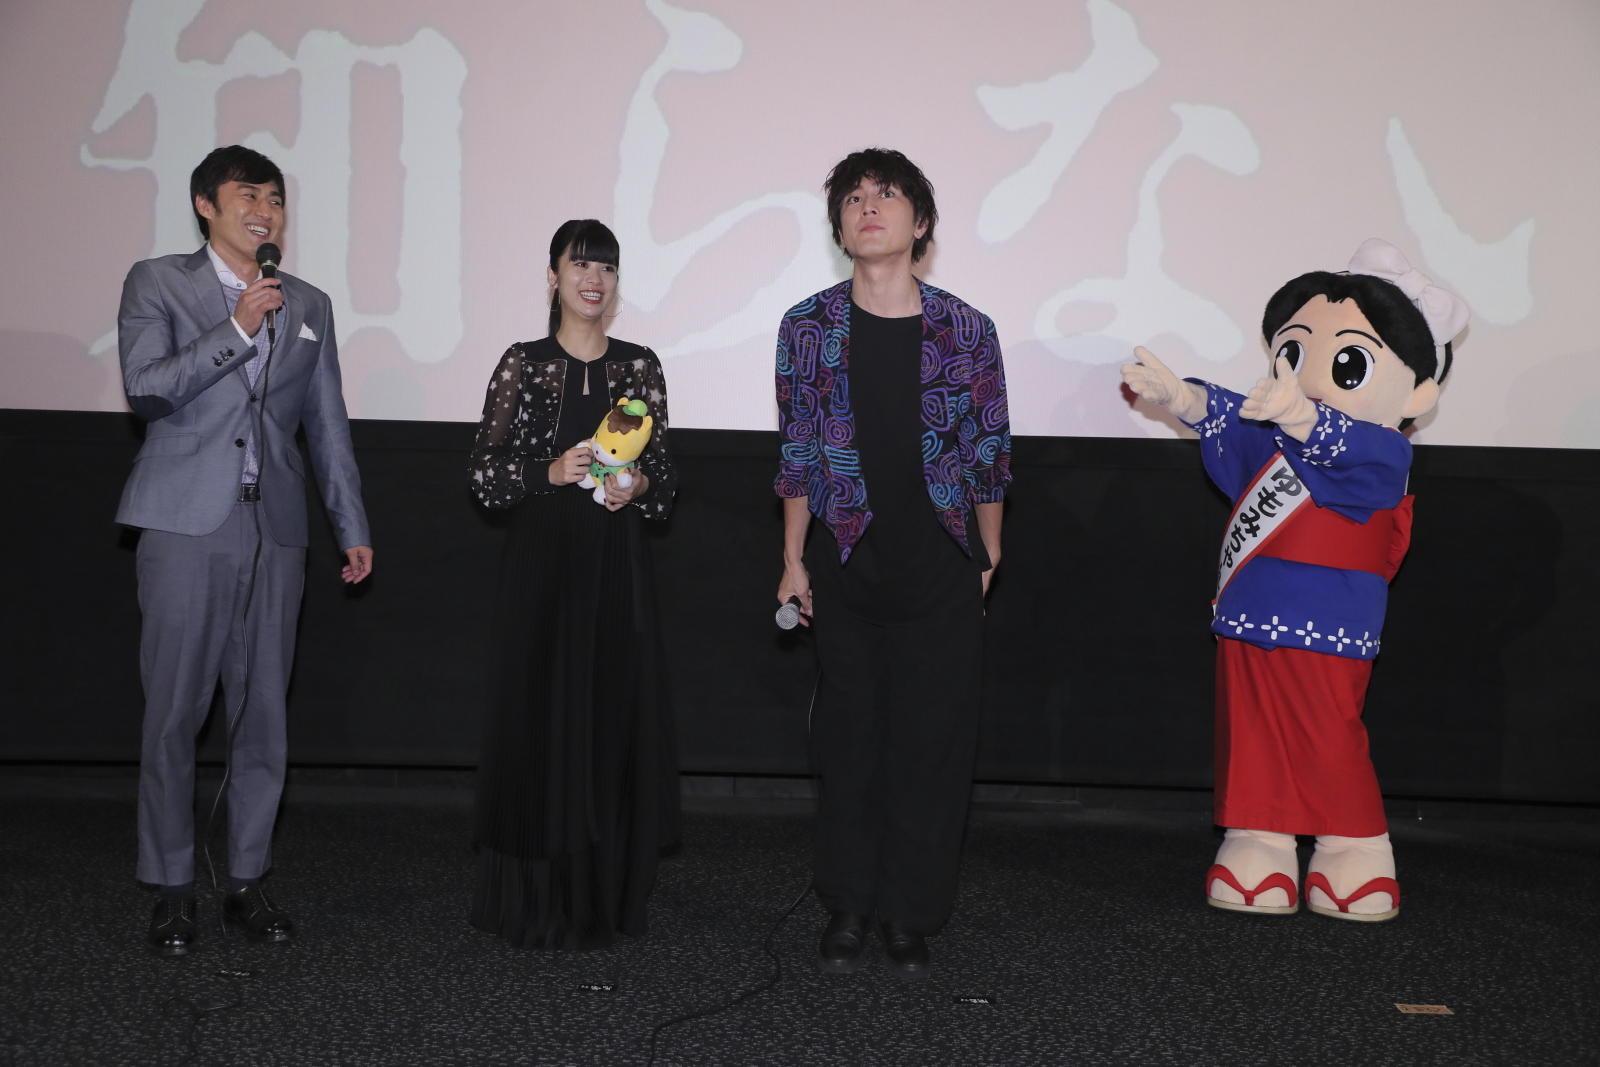 http://news.yoshimoto.co.jp/20170716171542-2d37eb7f9b5141d2c6f9a89a4bec74d4f6d61609.jpg